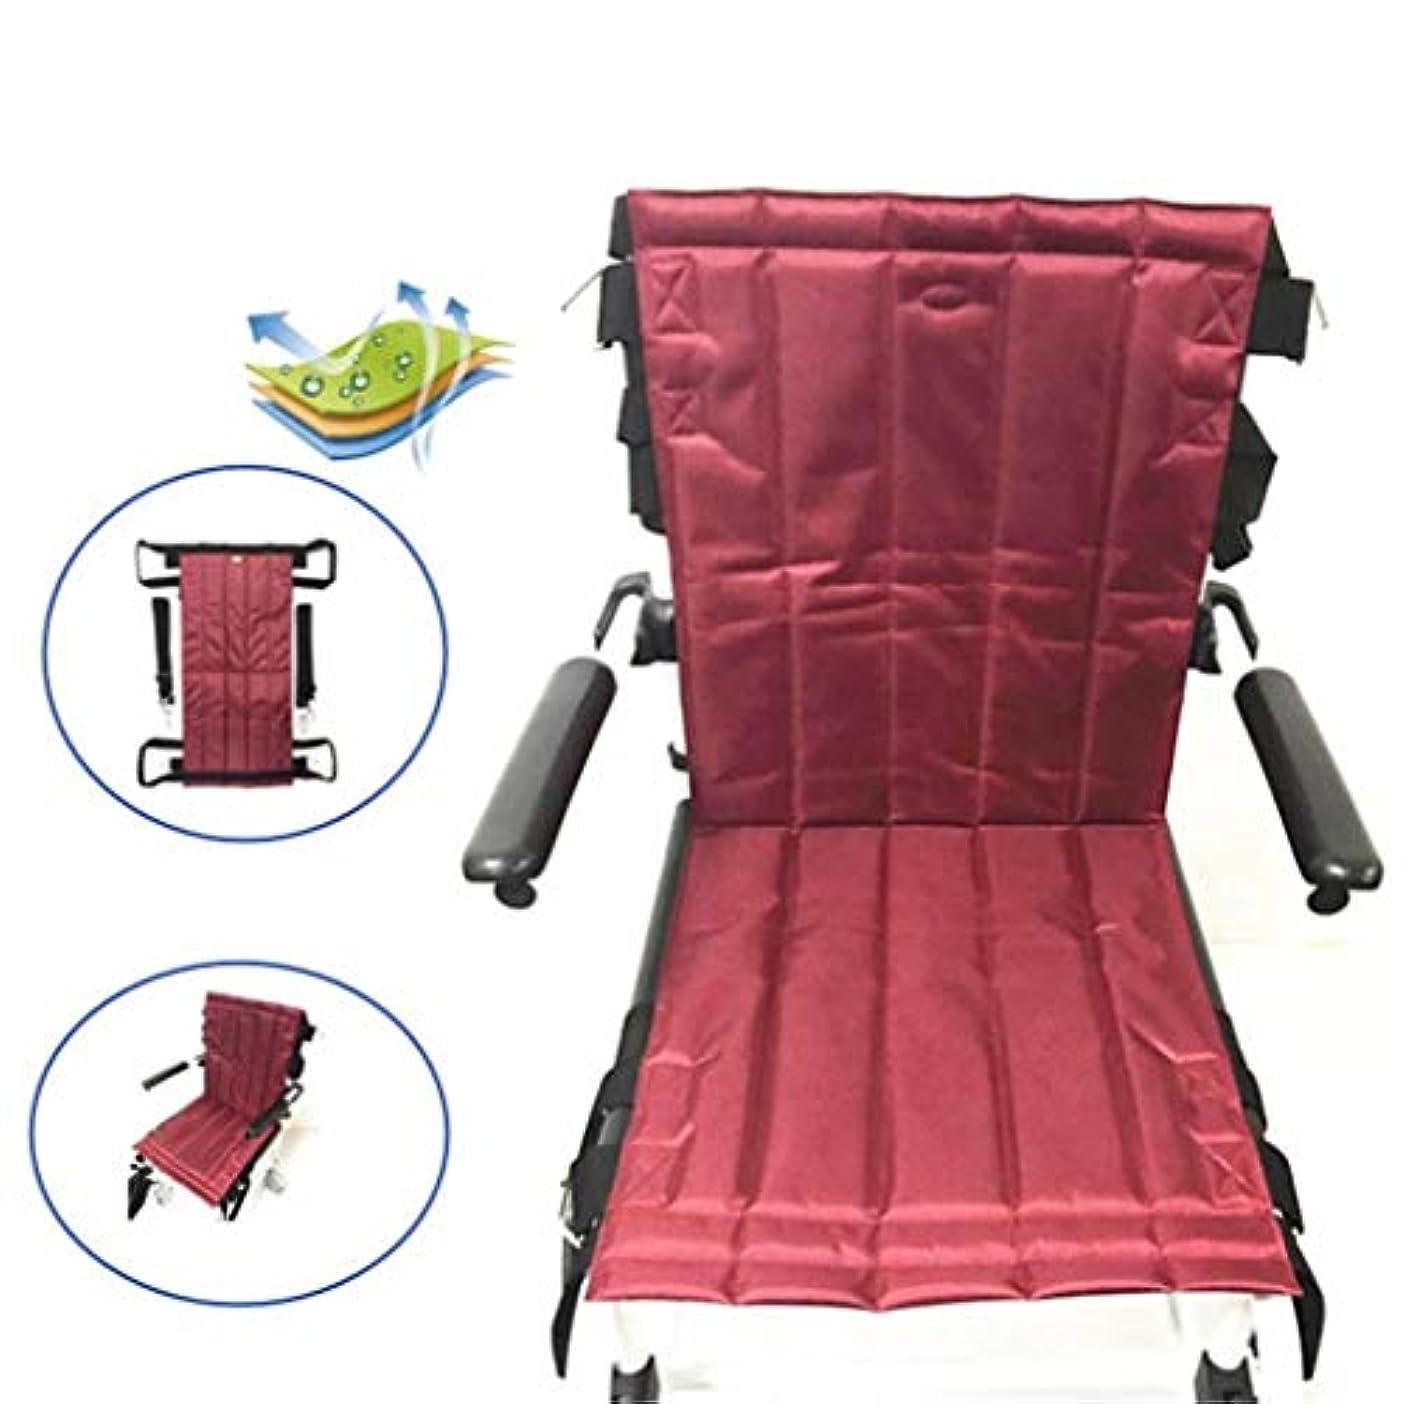 誘惑明るい不調和患者リフト階段スライドボード移動緊急避難用椅子車椅子シートベルト安全全身医療用リフティングスリングスライディング移動ディスク使用高齢者用